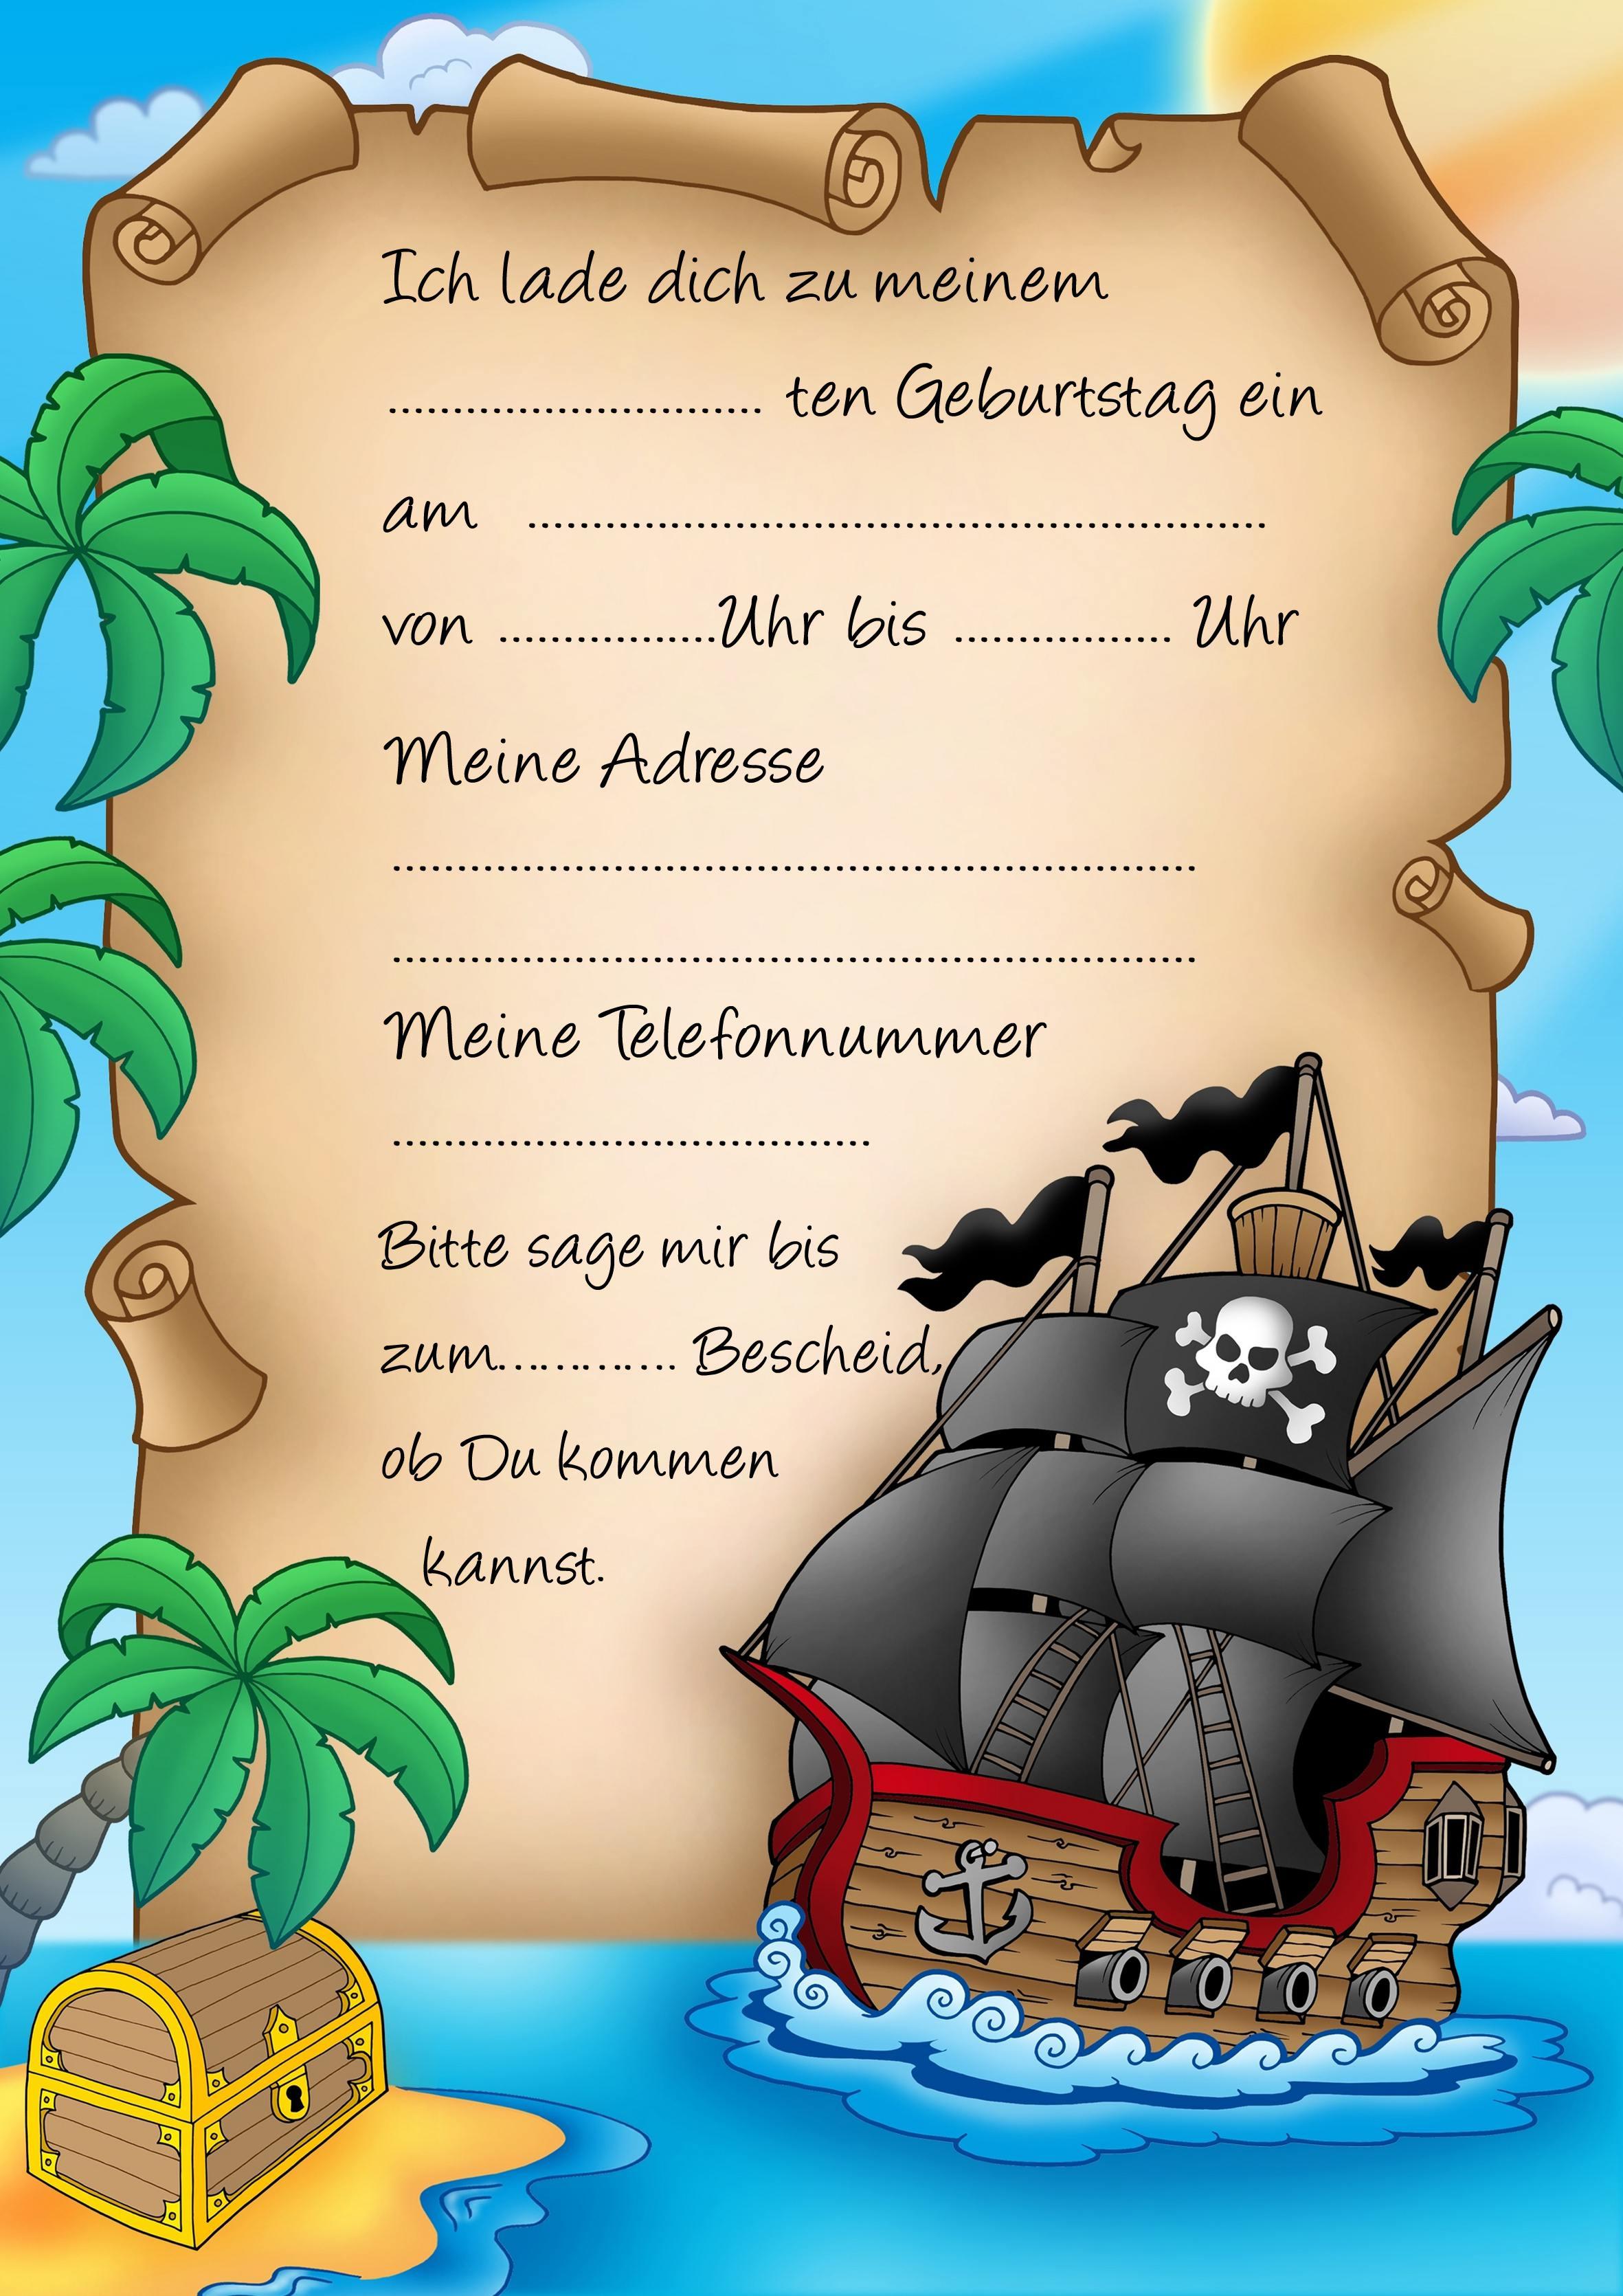 Schön Related Image For Einladungskarten Kindergeburtstag Schne Bilder  Einladungskarten Für Kindergeburtstag